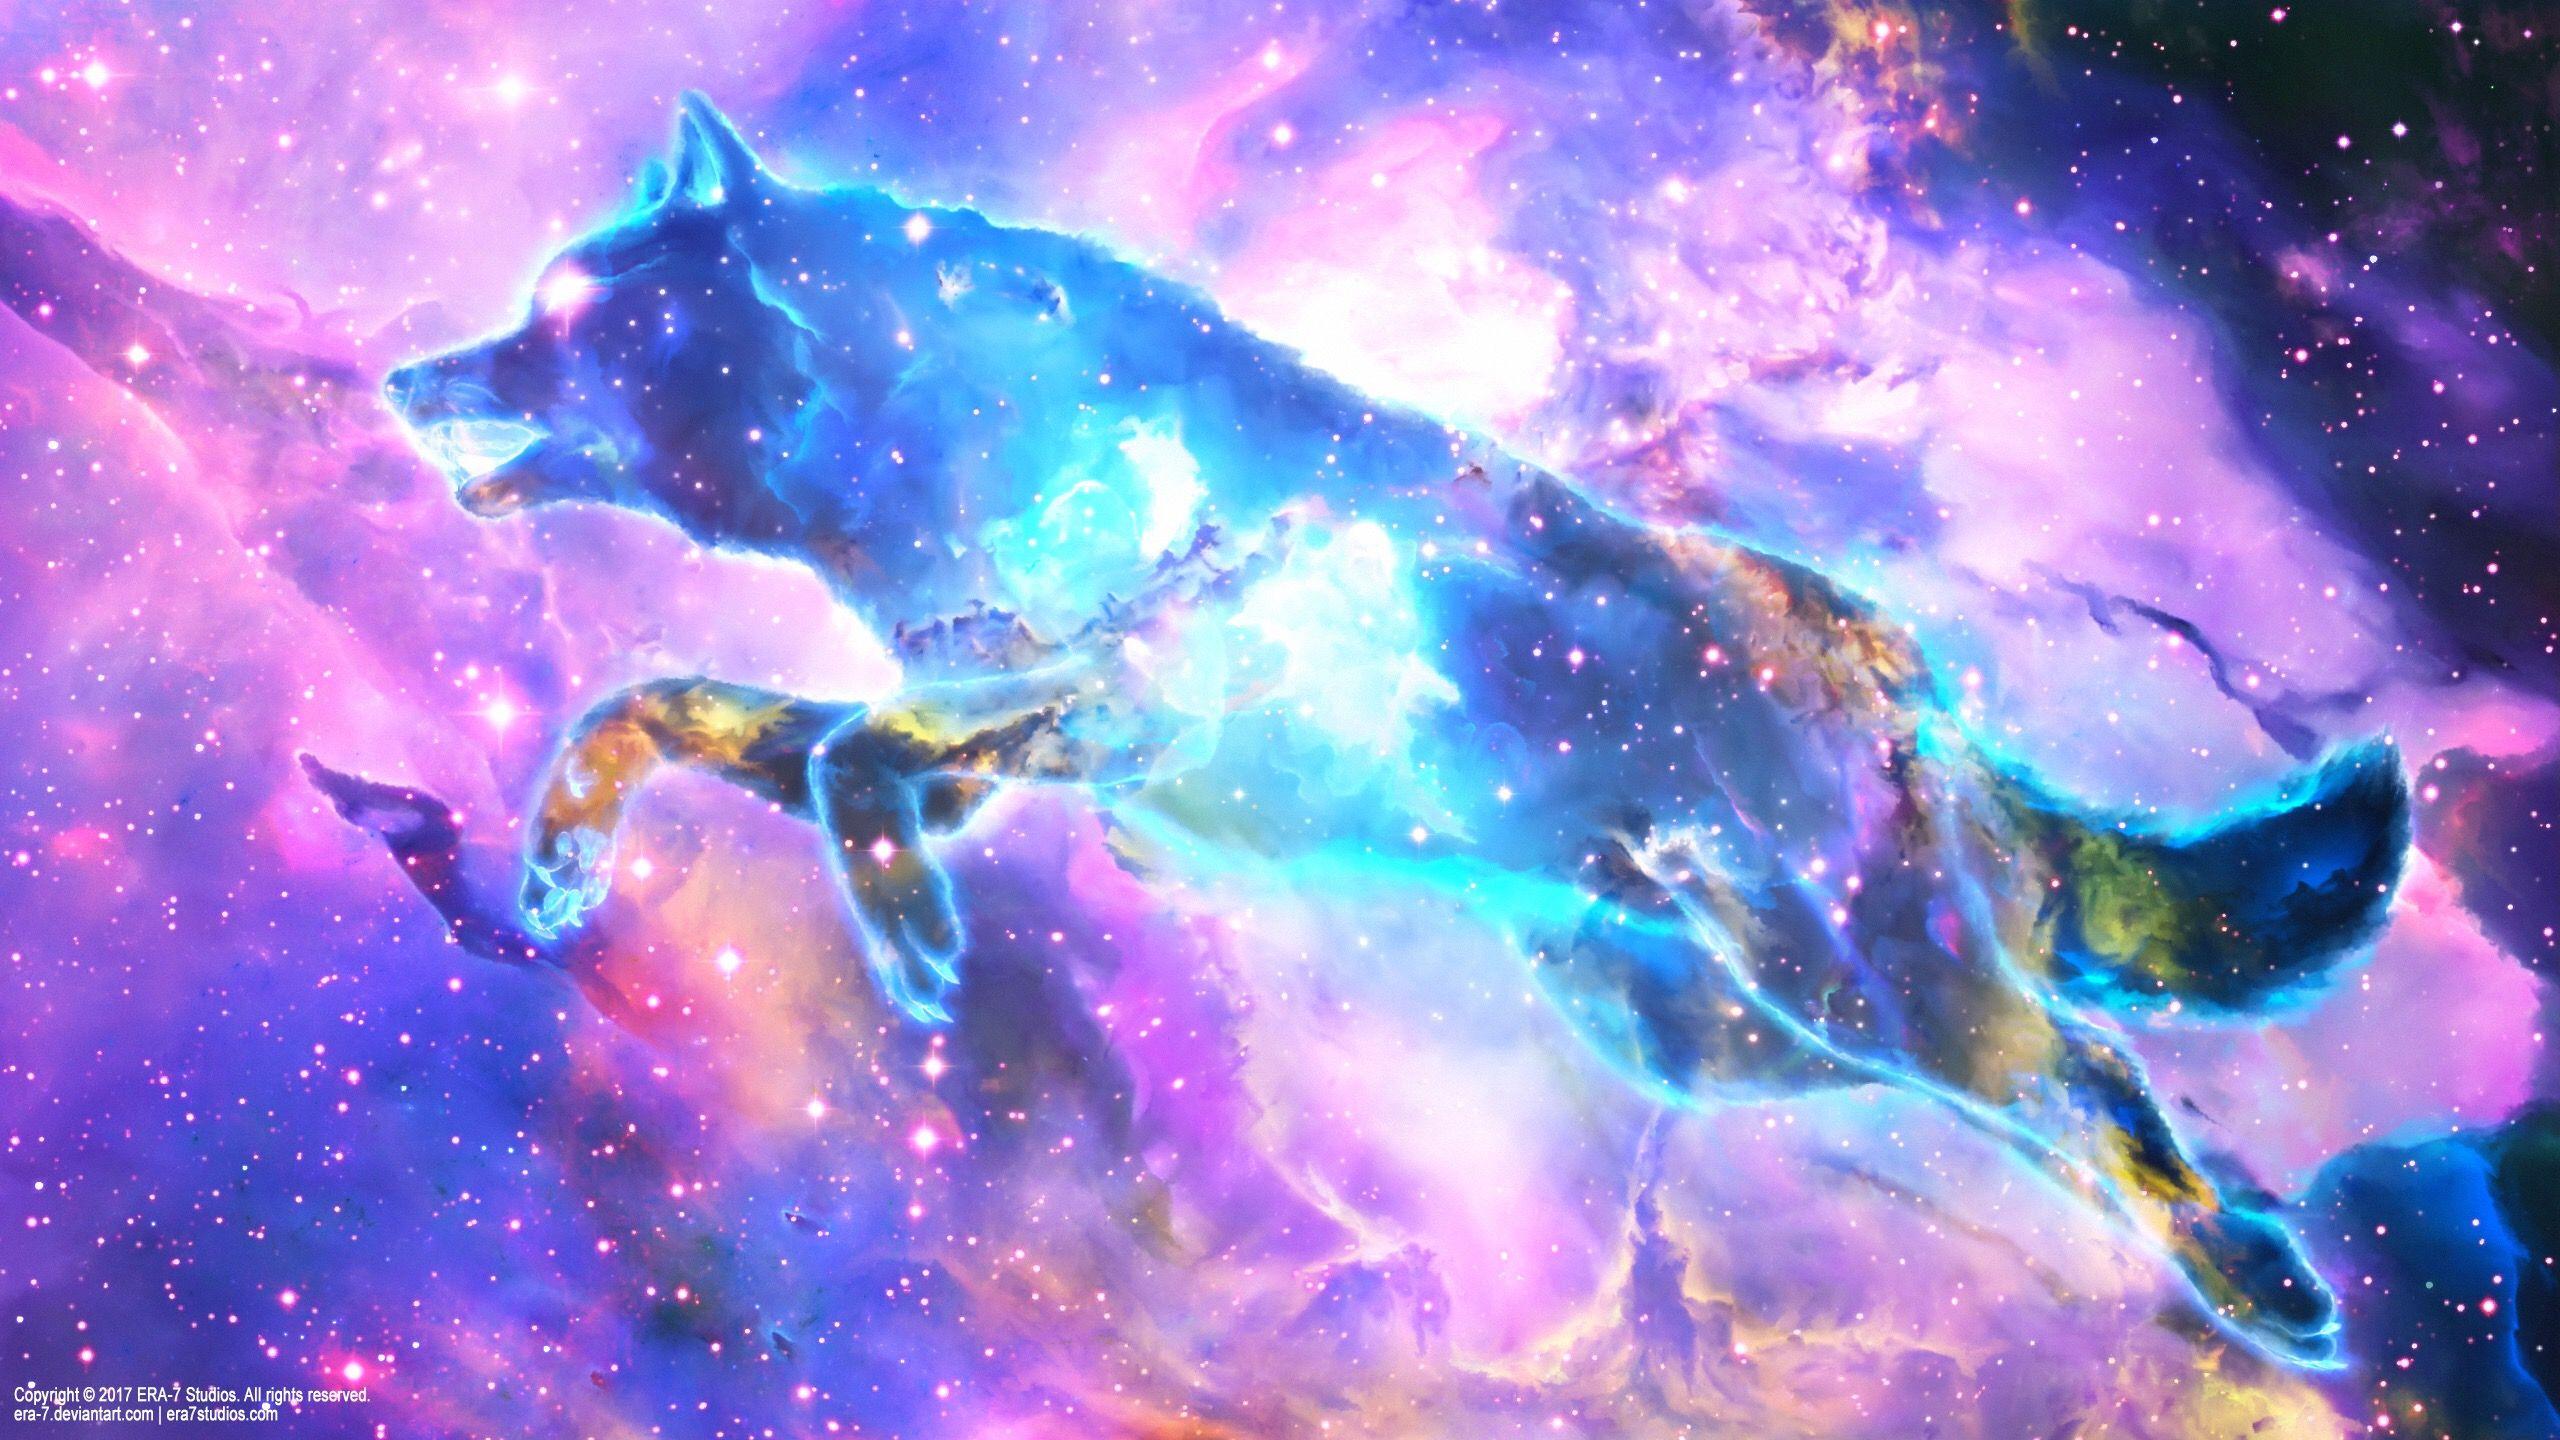 Pin By Iesha Reath On Fairytale Galaxy Wolf Wolf Spirit Wolf Canvas